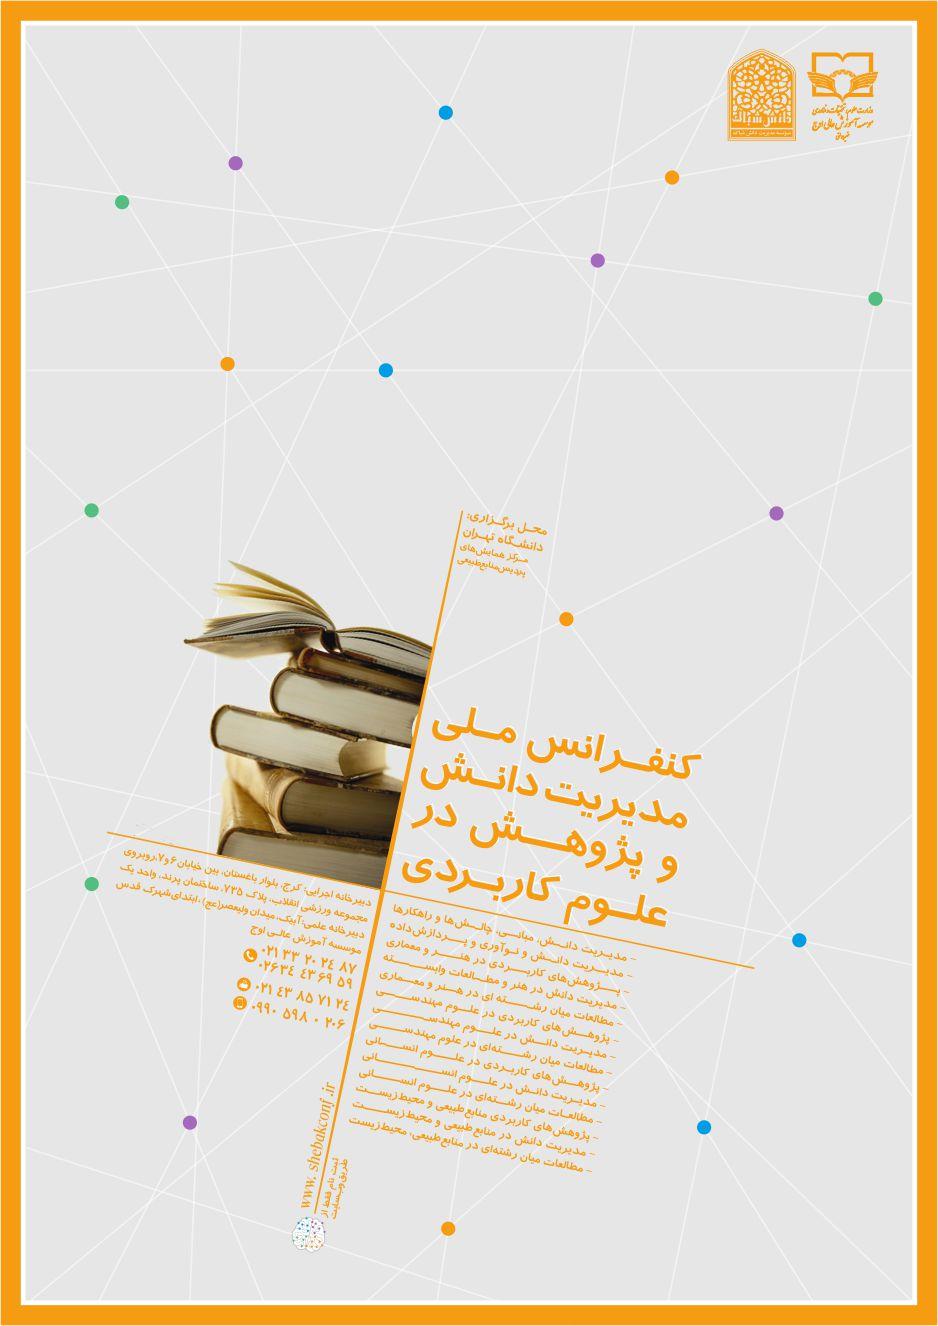 کنفرانس ملی مدیریت دانش و پژوهش در علوم کاربردی